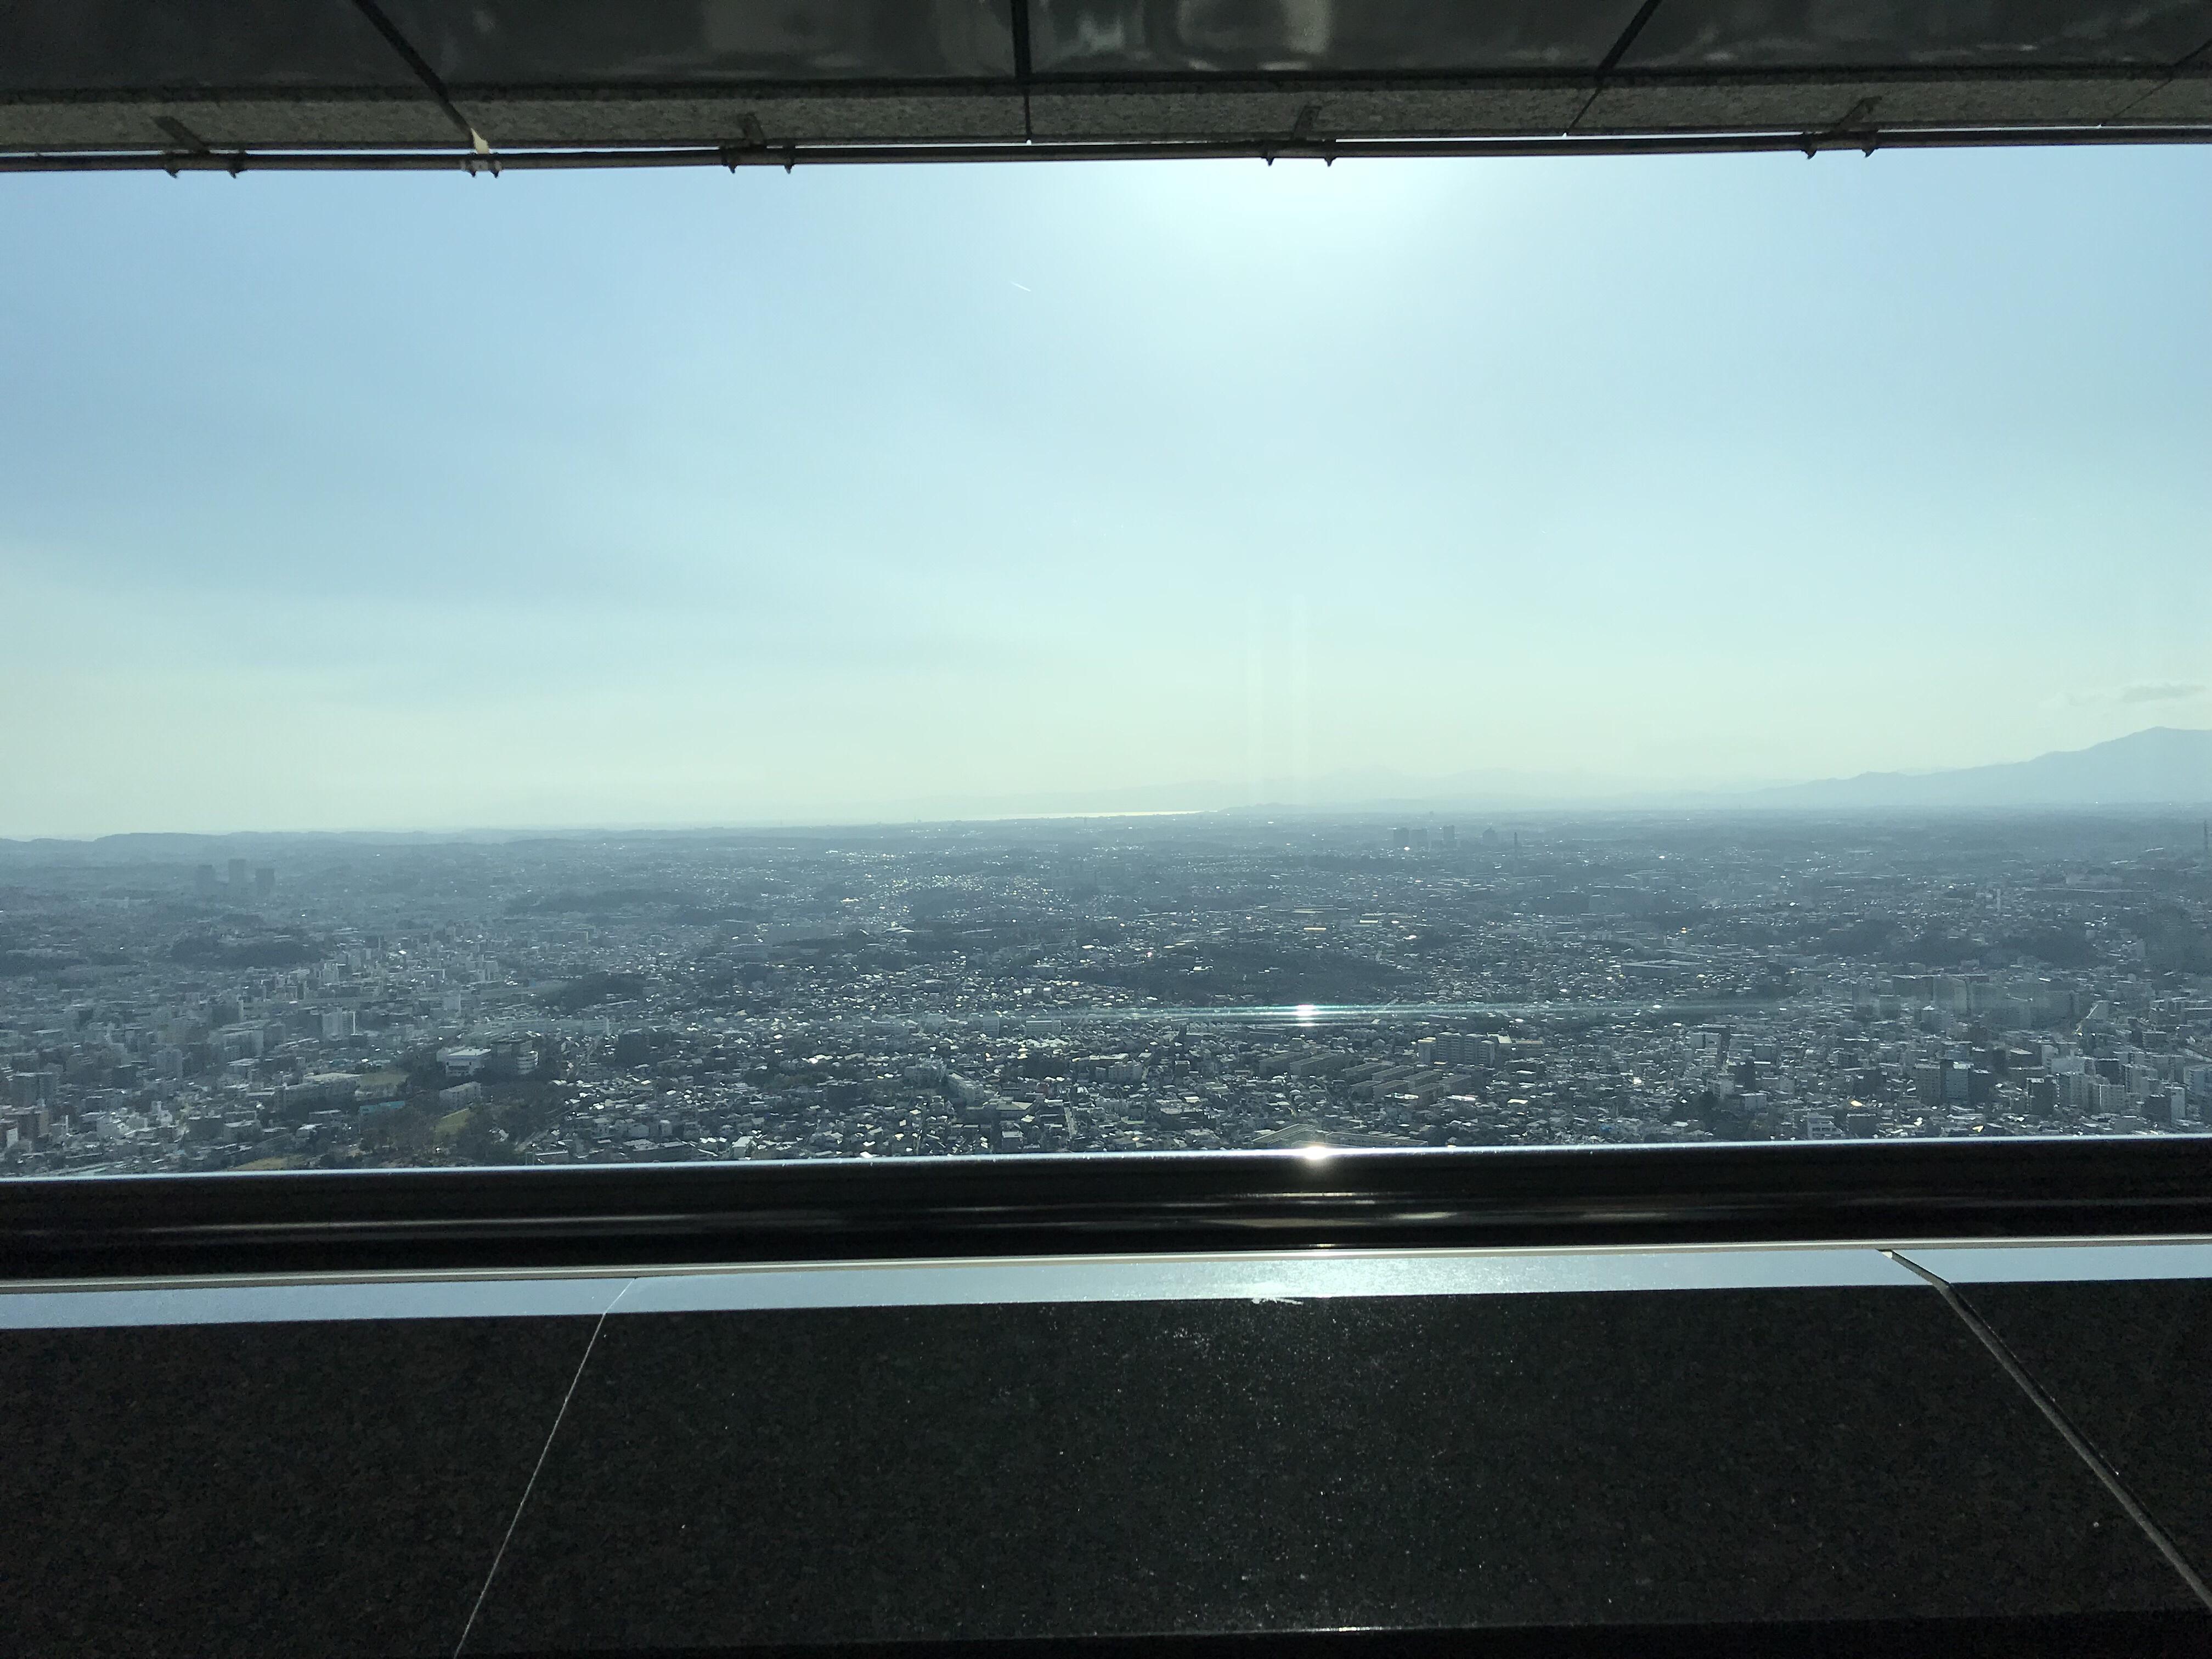 スカイカフェから見える景色